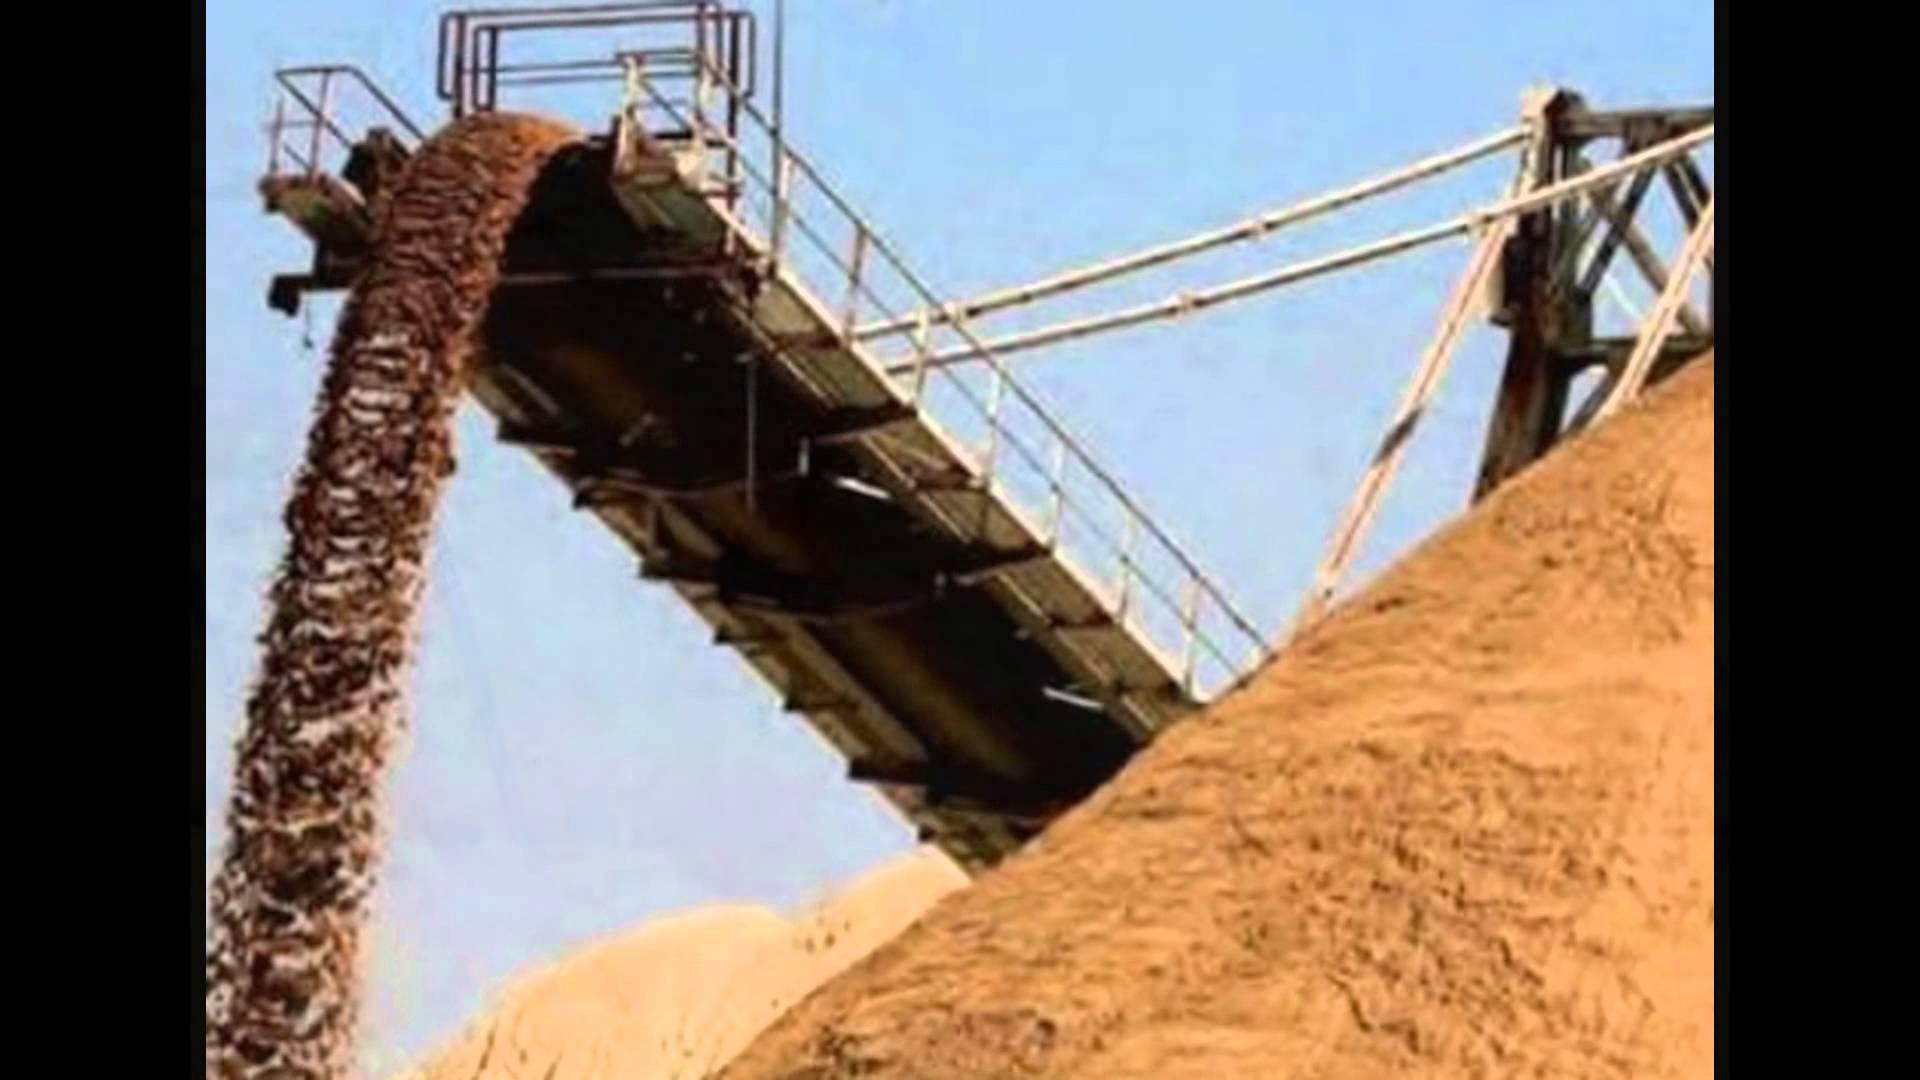 الإقتصاد المغربي معرض لتلقي ضربة قاتلة بسبب الفوسفاط !